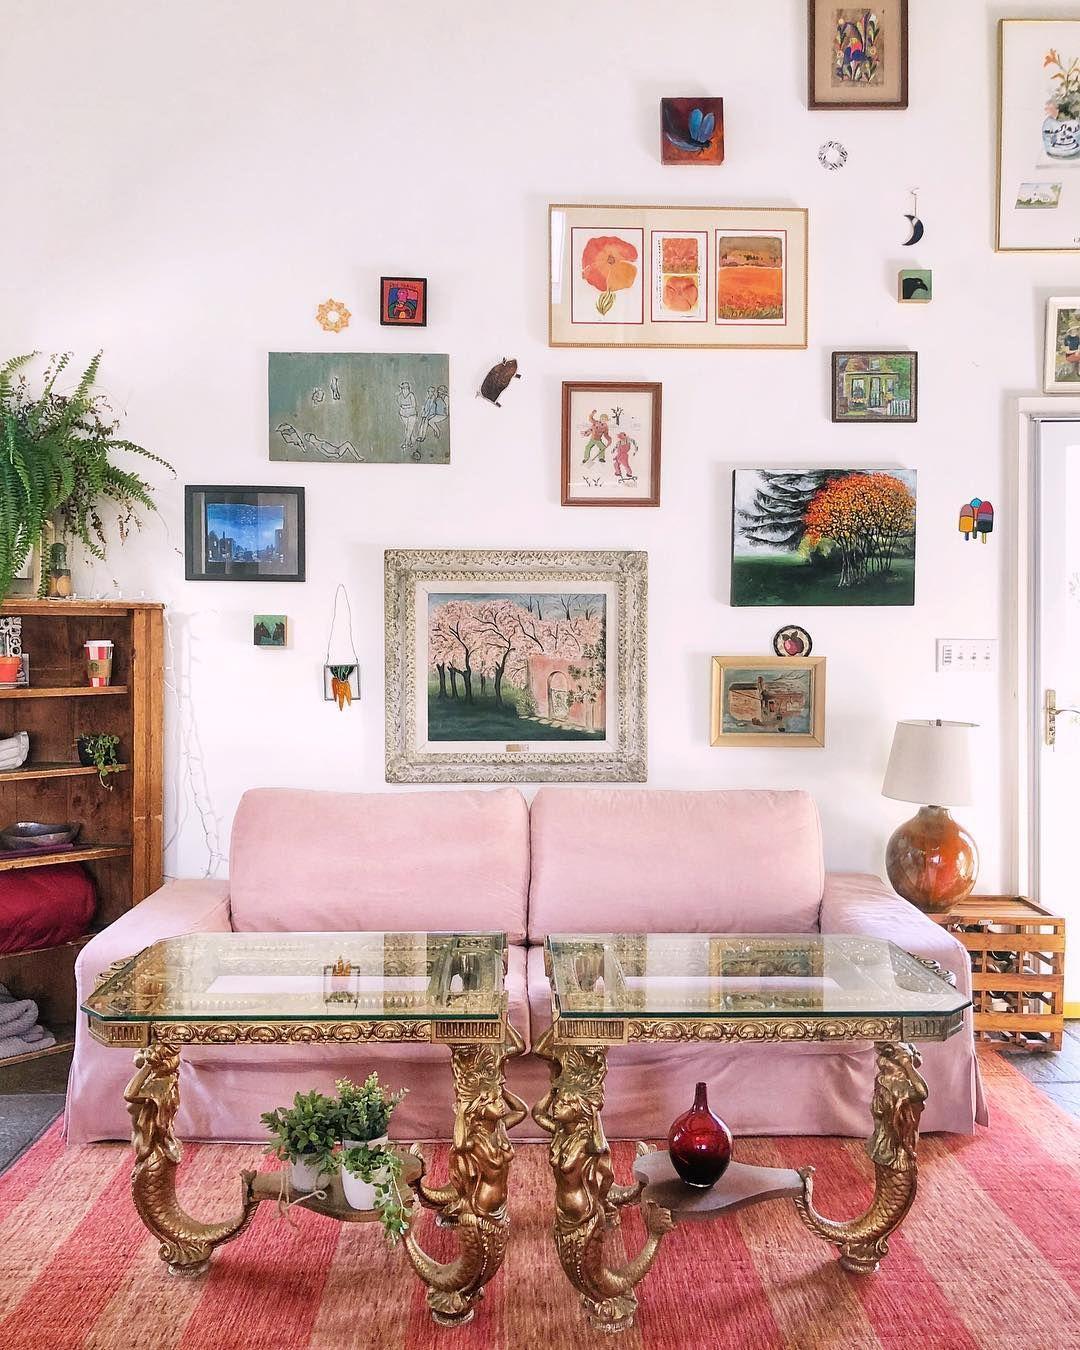 ikea kivik in madison rose sofa slipcovers aupetitsalondesign rh pinterest com